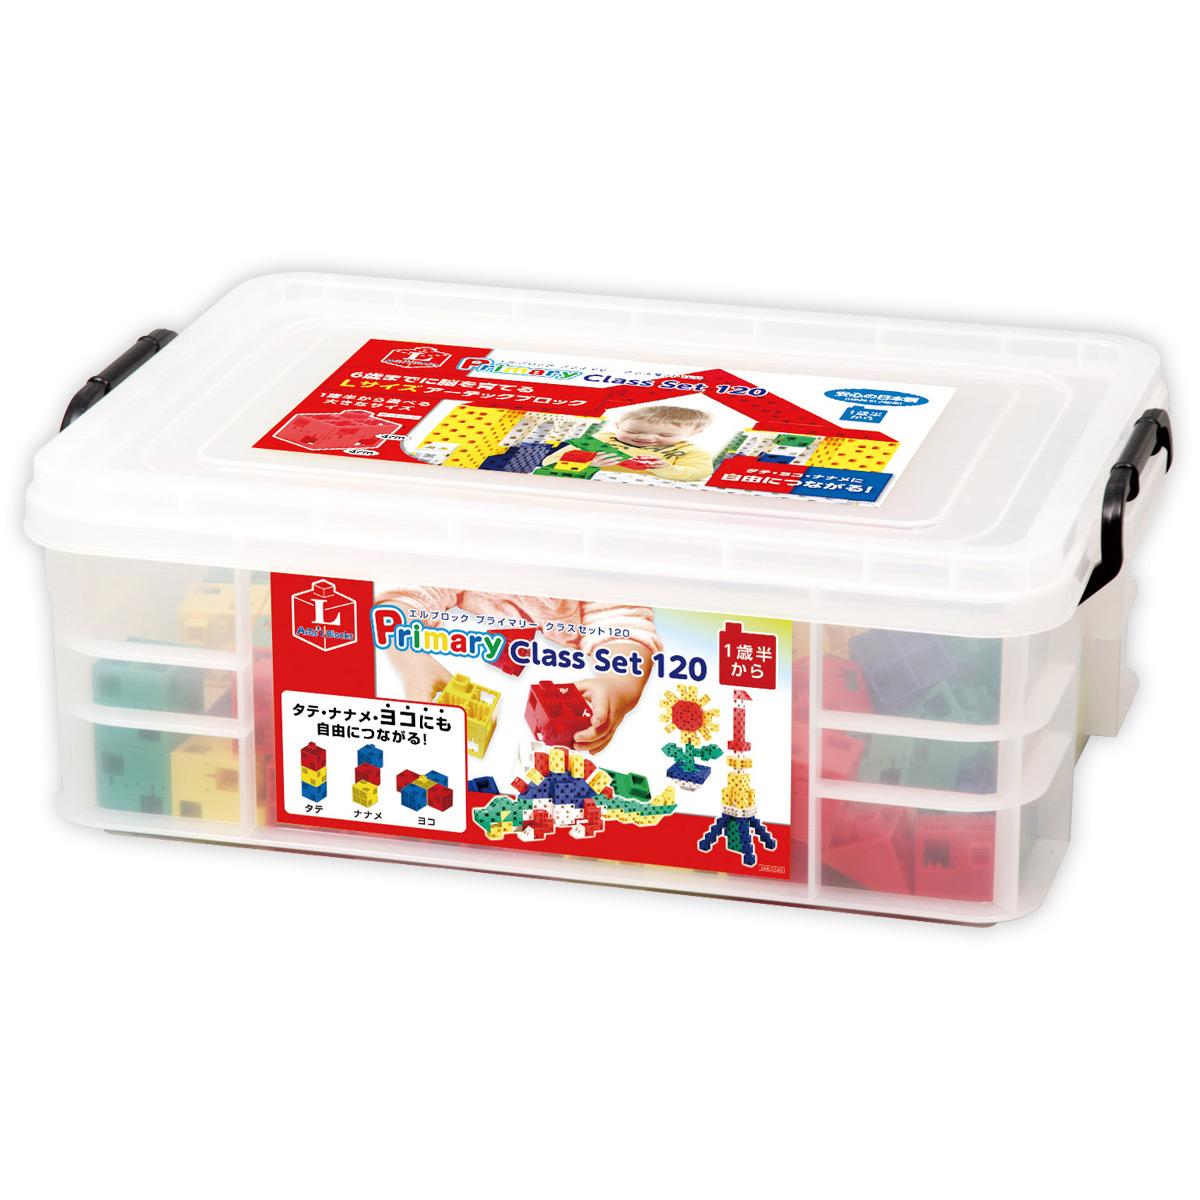 アーテックブロック L ブロック おもちゃ プライマリー クラスセット 120ピース 日本製 ゲーム 玩具 レゴ・レゴブロックのように自由に遊べます